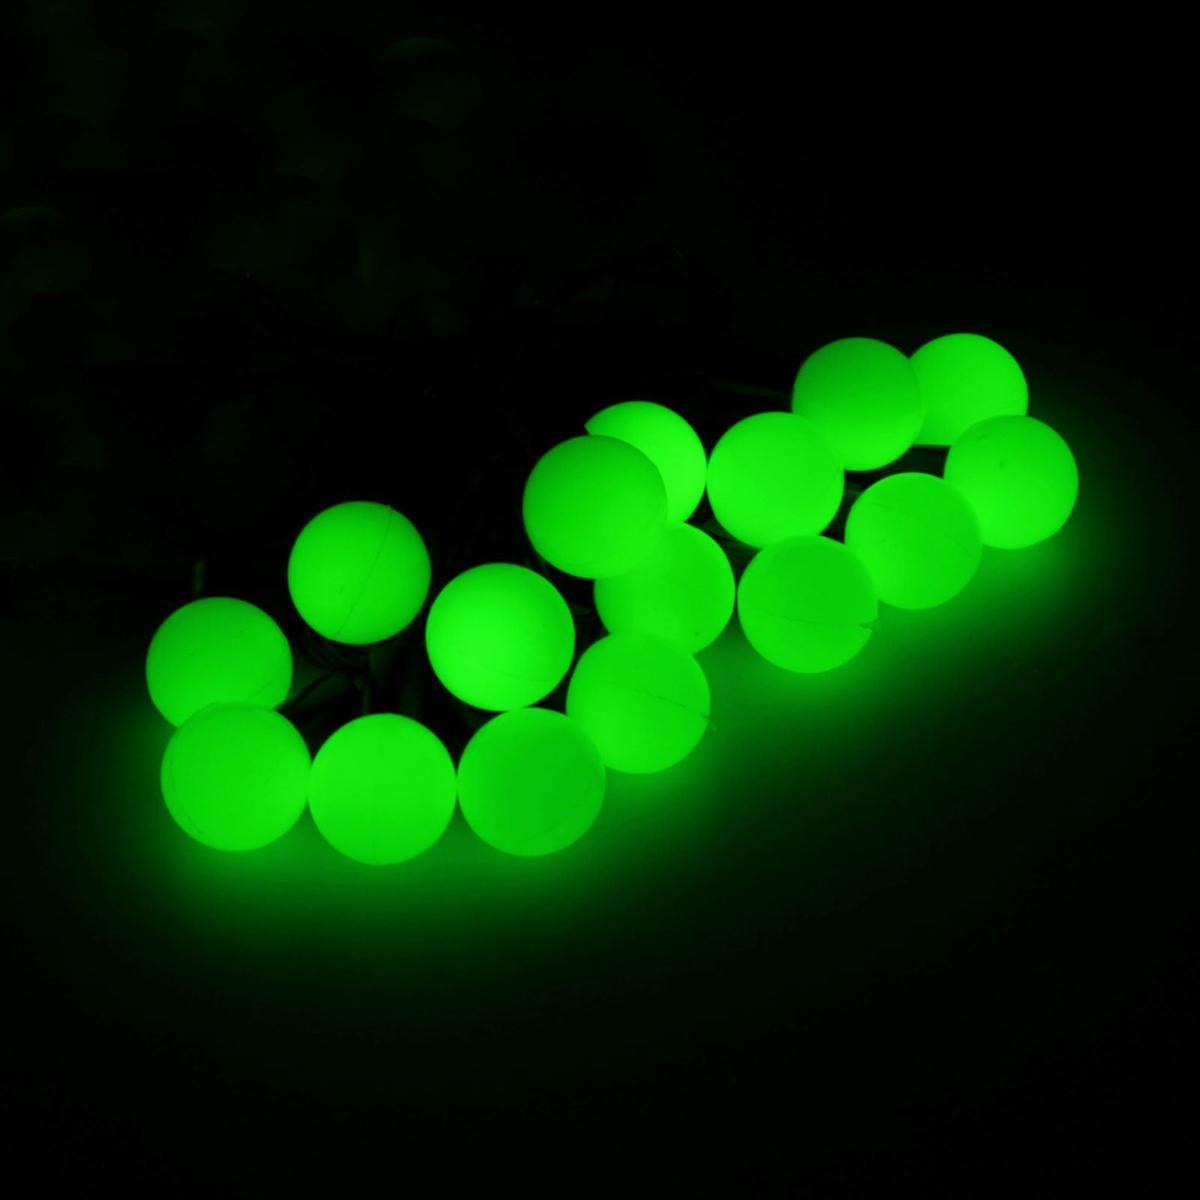 Гирлянда светодиодная Luazon Метраж. Шарики, уличная с насадкой, 8 режимов, 200 ламп, 20 м, цвет: зеленый. 705955705955Светодиодные гирлянды, ленты и т.д. — это отличный вариант для новогоднего оформления интерьера или фасада. С их помощью помещение любого размера можно превратить в праздничный зал, а внешние элементы зданий, украшенные ими, мгновенно станут напоминать очертания сказочного дворца. Такие украшения создают ауру предвкушения чуда. Деревья, фасады, витрины, окна и арки будто специально созданы, чтобы вы украсили их светящимися нитями.